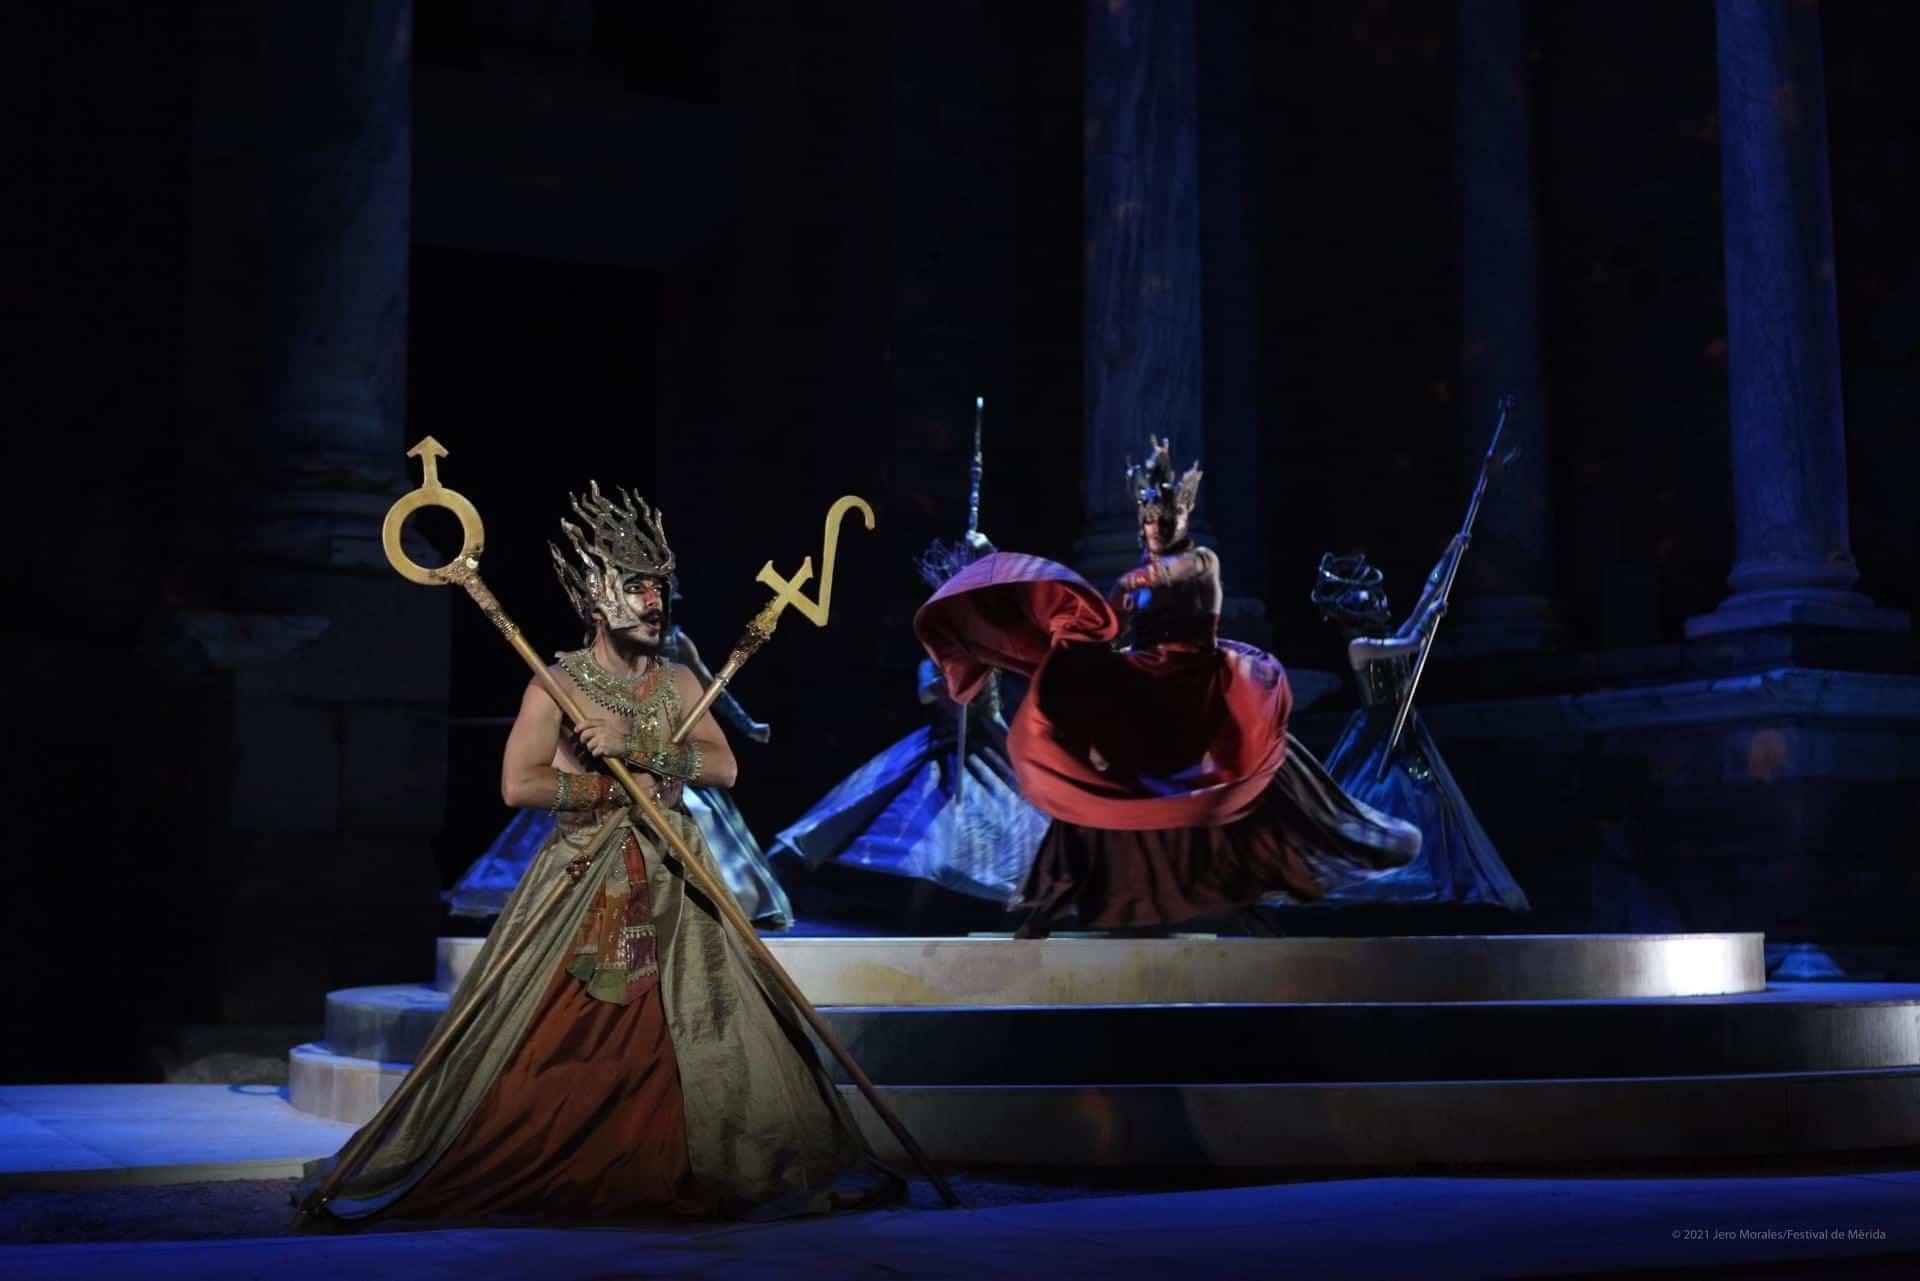 El vestuario de Rafael Garrigós, vuelve a brillar sobre el teatro romano de Mérida 33